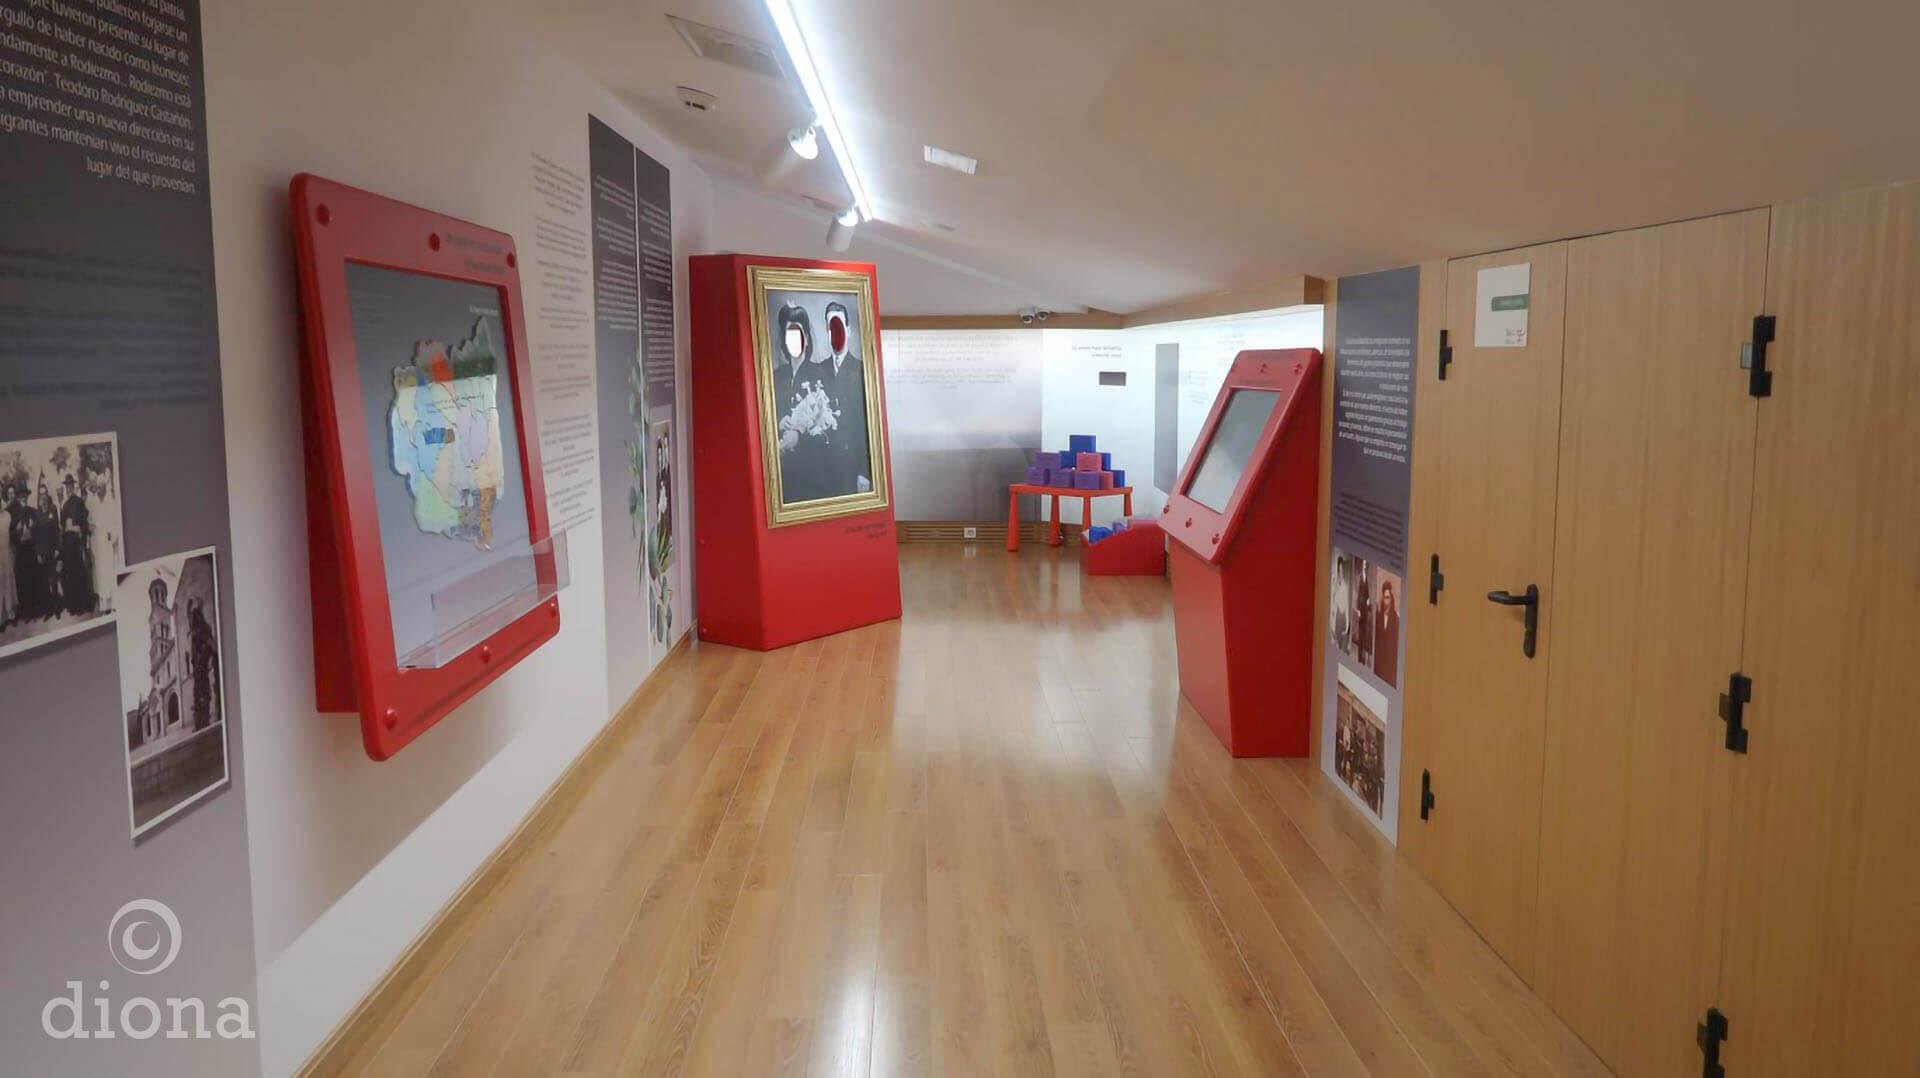 diseño industrial, mobiliario - Museo de la emigración leonesa, León, España, diseño fabricación montaje de museografía, diona